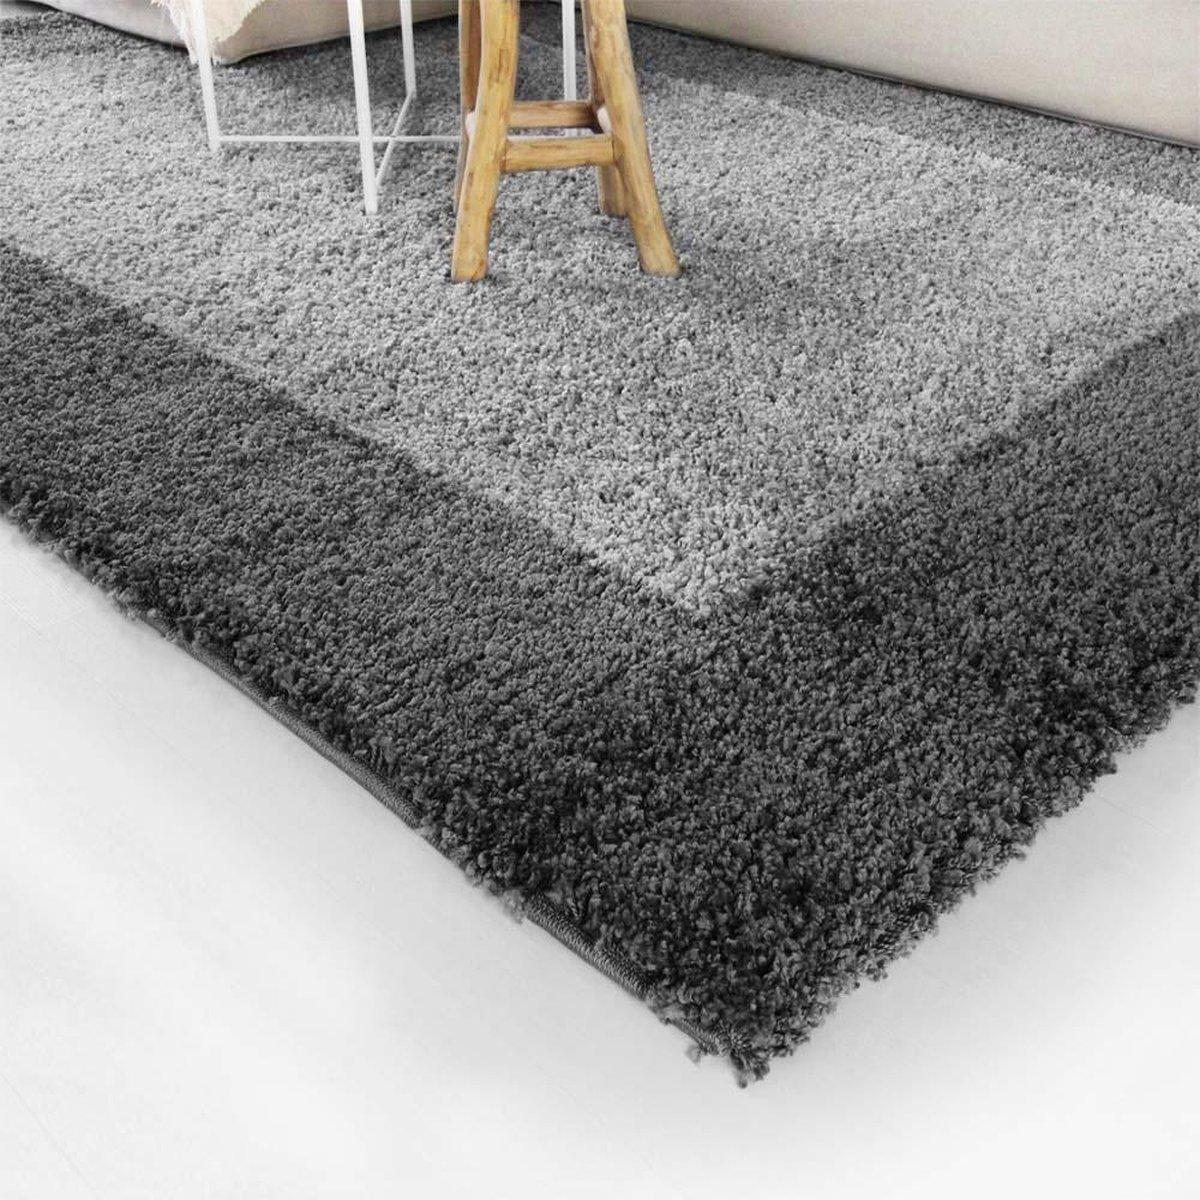 Hoogpolig vloerkleed shaggy Trend lijstmotief - grijs 60x110 cm